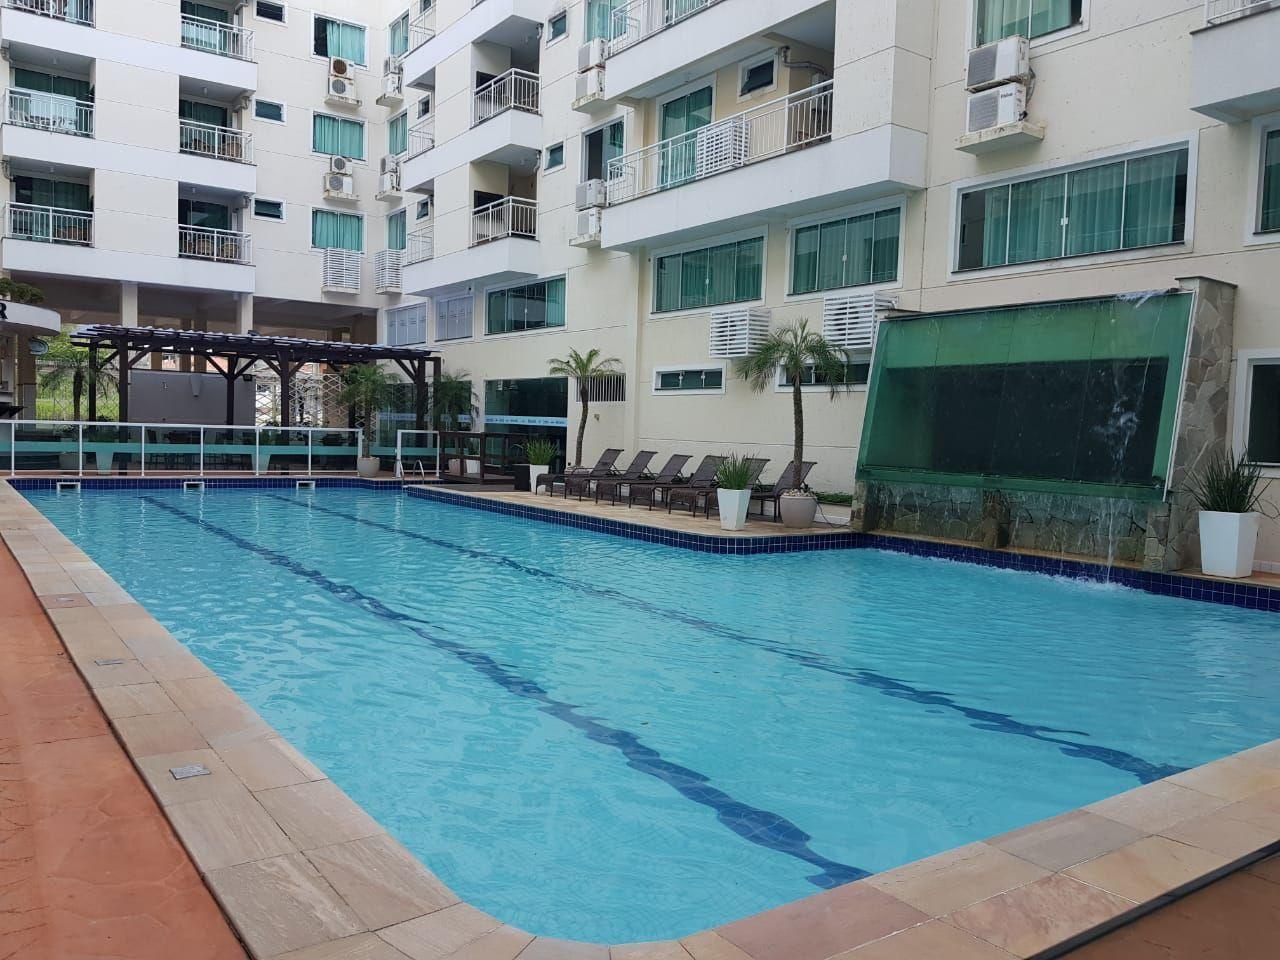 Cobertura com 2 Dormitórios à venda, 100 m² por R$ 550.000,00